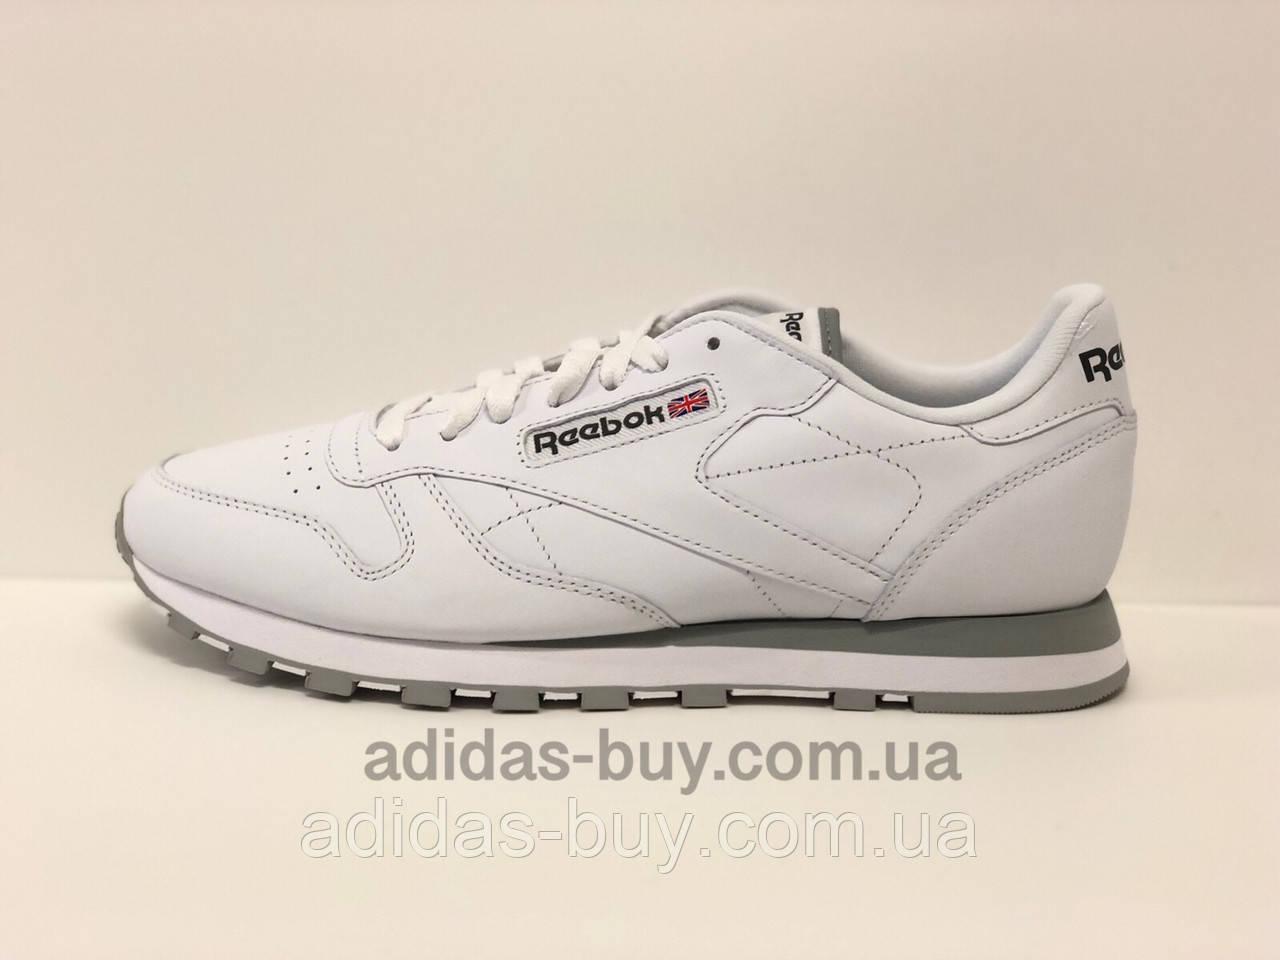 Мужские кожаные оригинальные кроссовки Reebok Classic Leather 2214 цвет: белый/серый